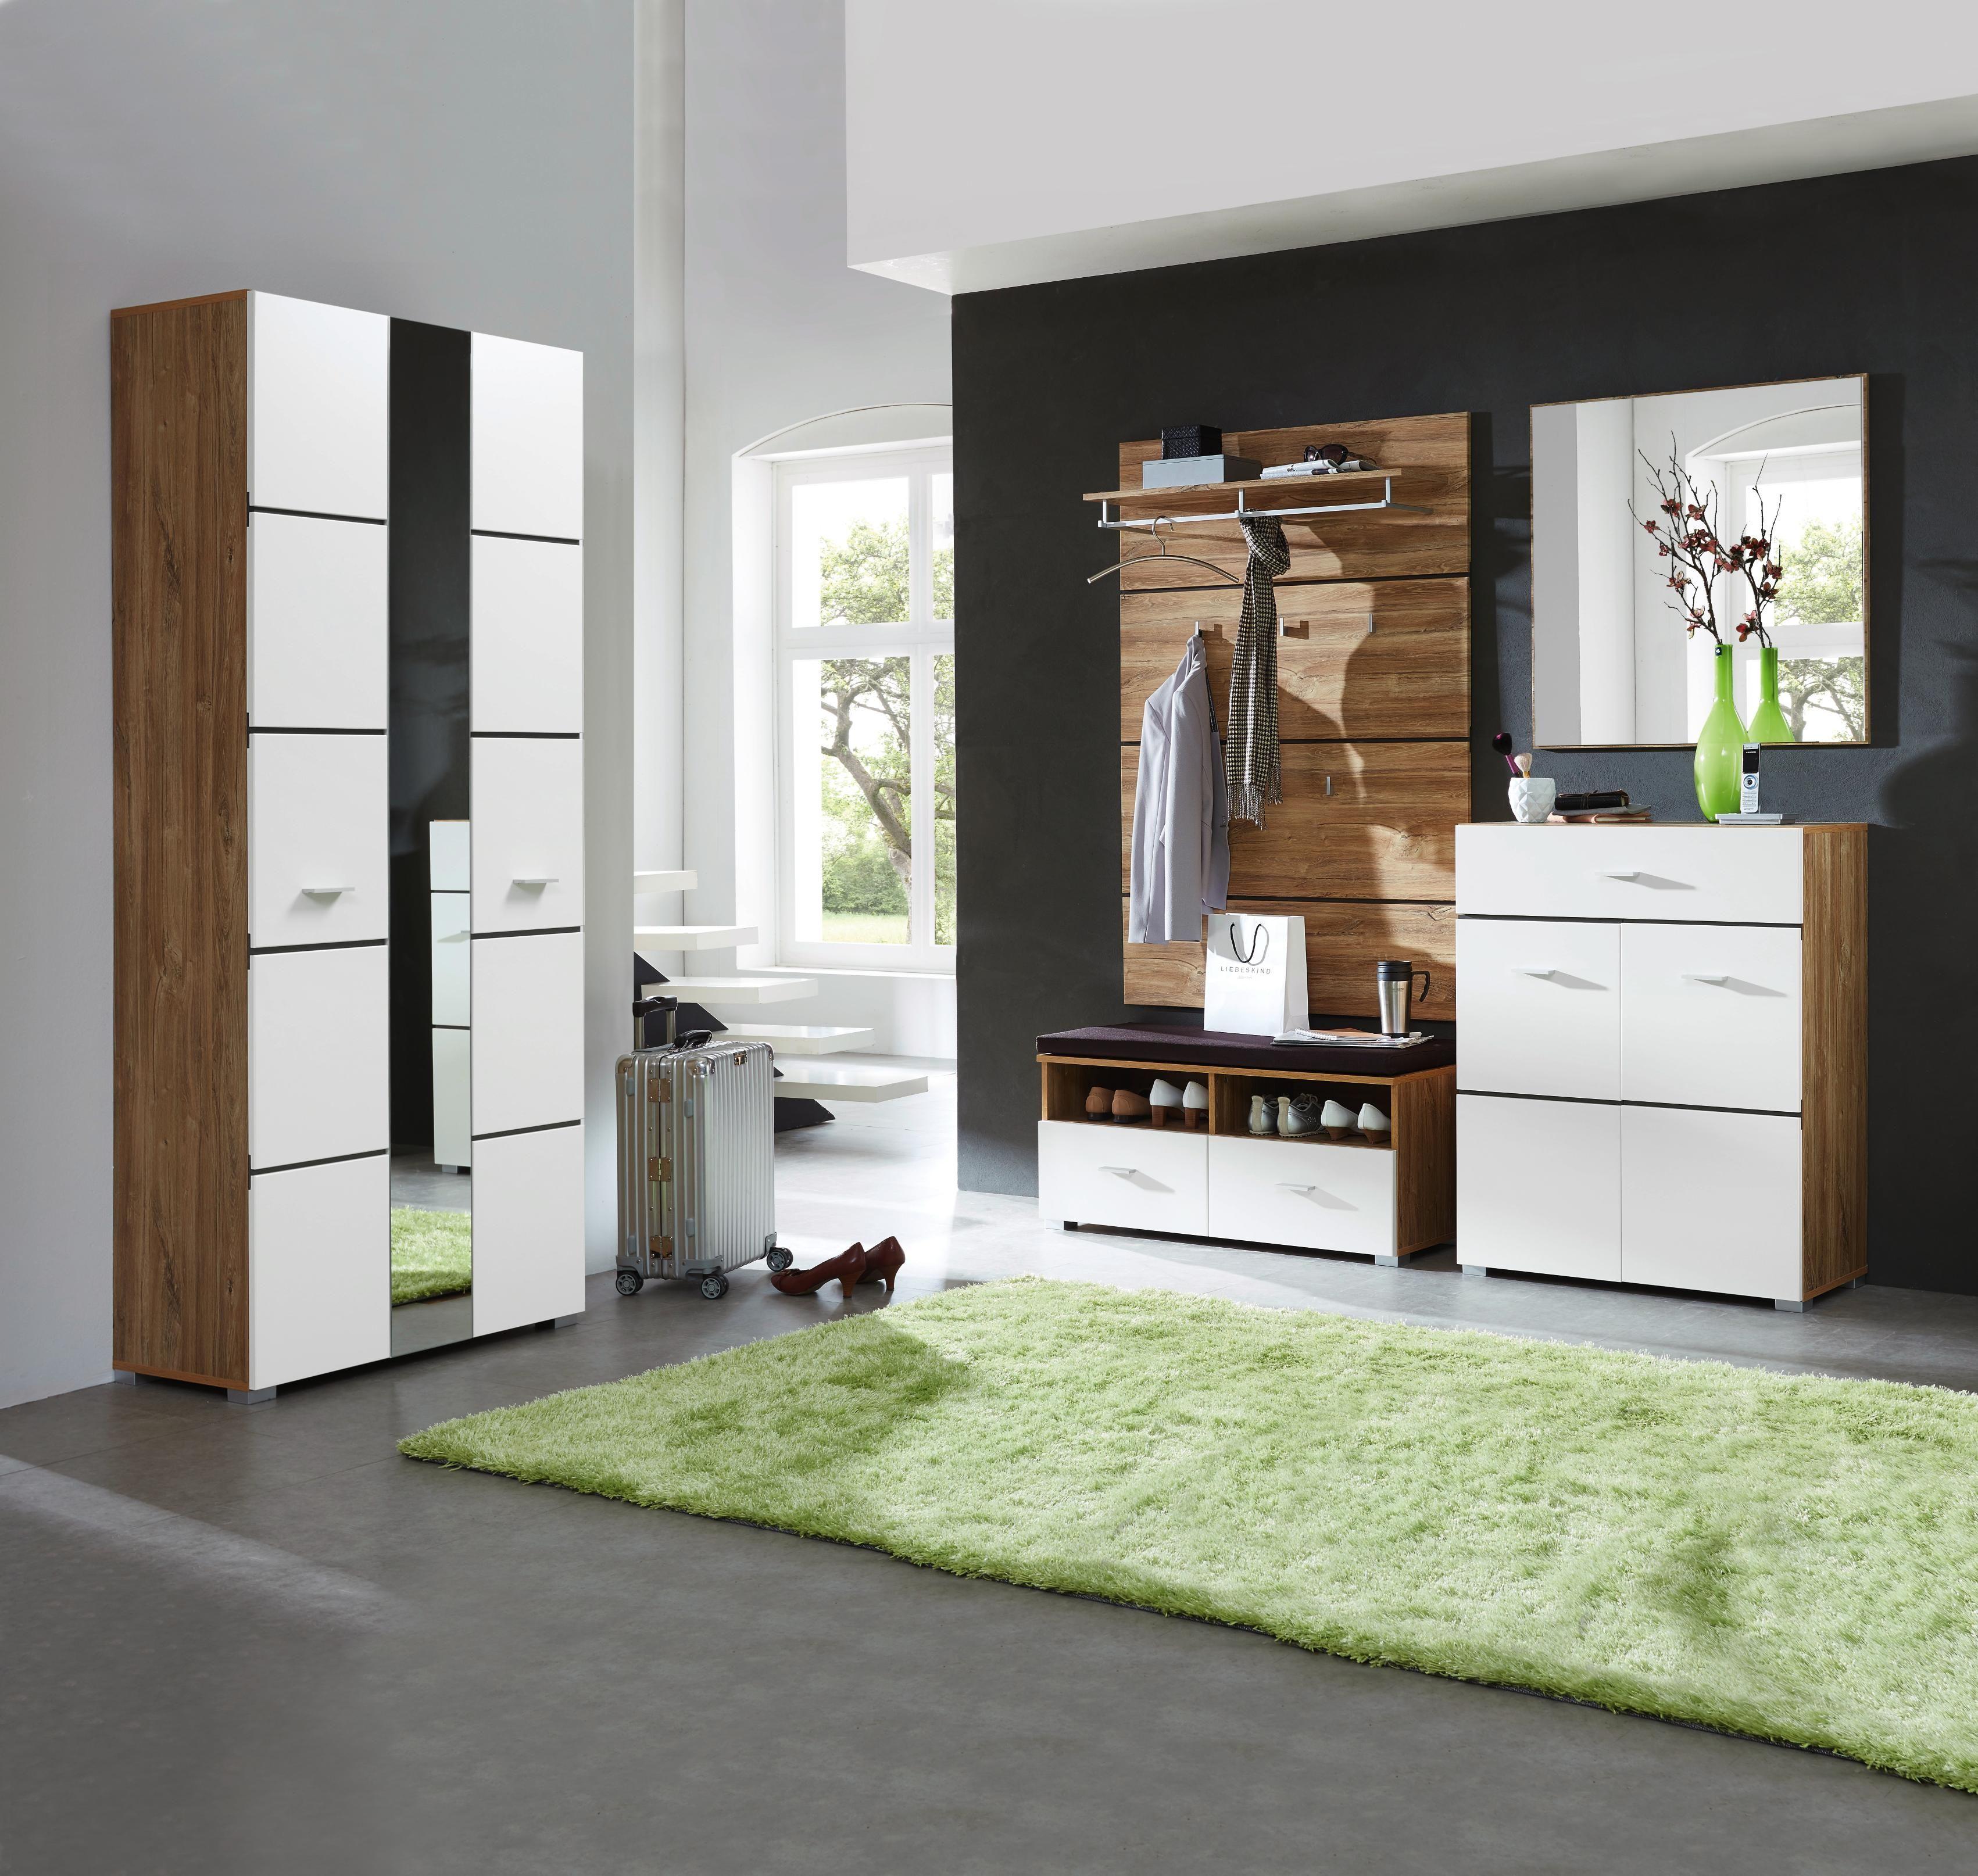 Garderobe von voleo vorzimmer pinterest suche for Suche garderobe